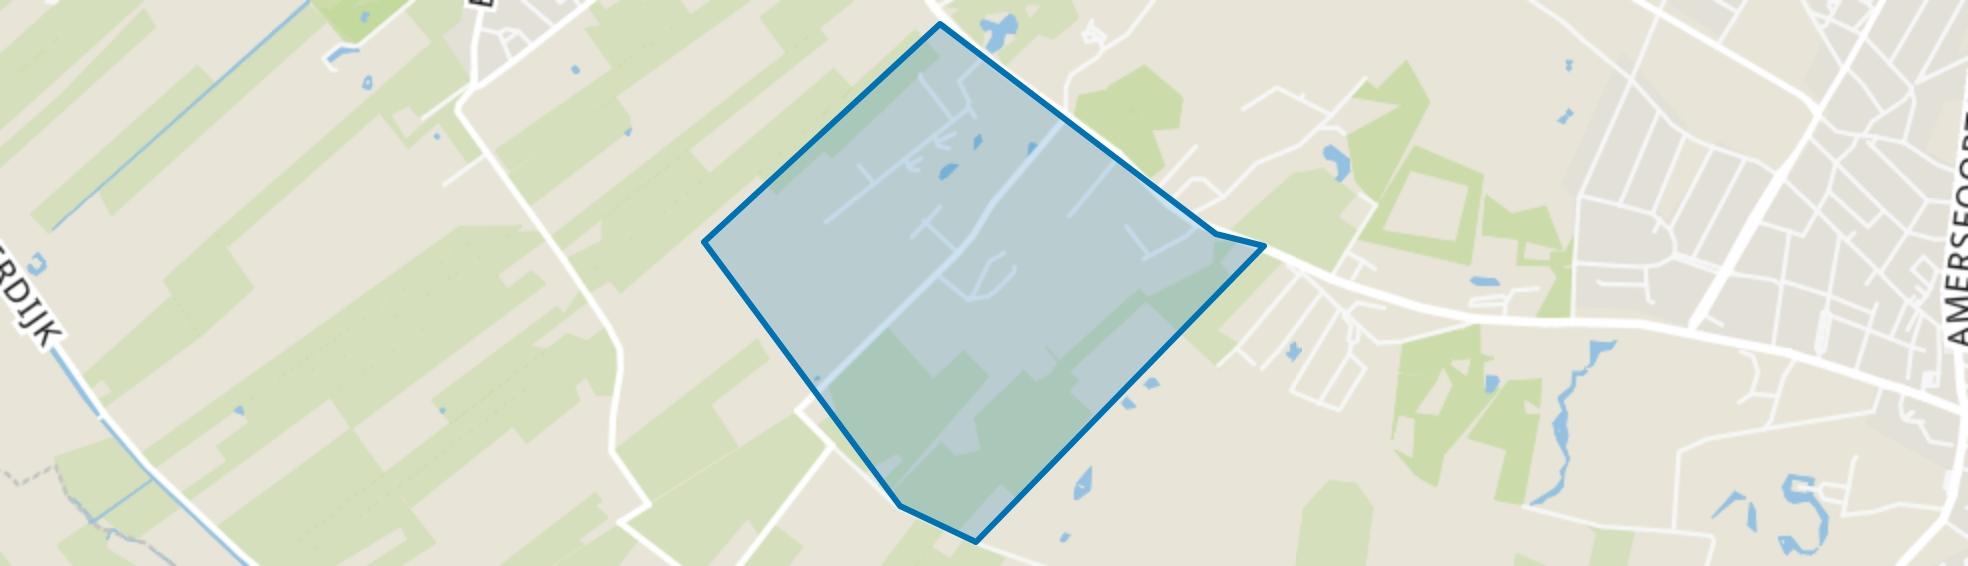 Oudeweg, Doorn map